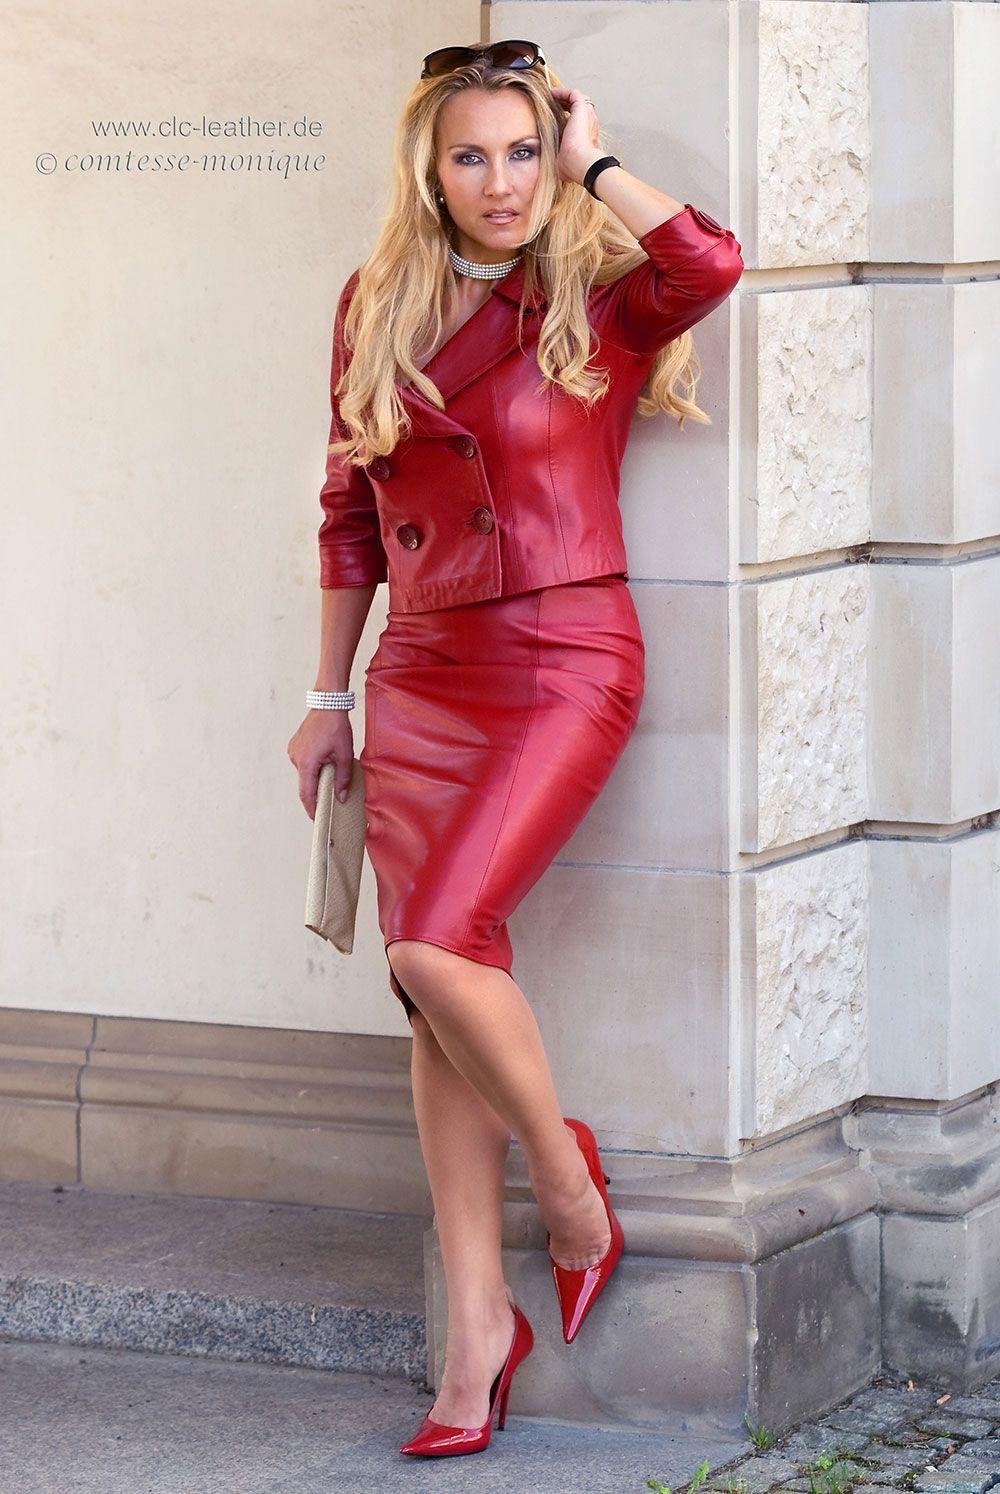 Eleganz Pur - Pencil Skirt mit Schlitz hinten - CLC-Leather